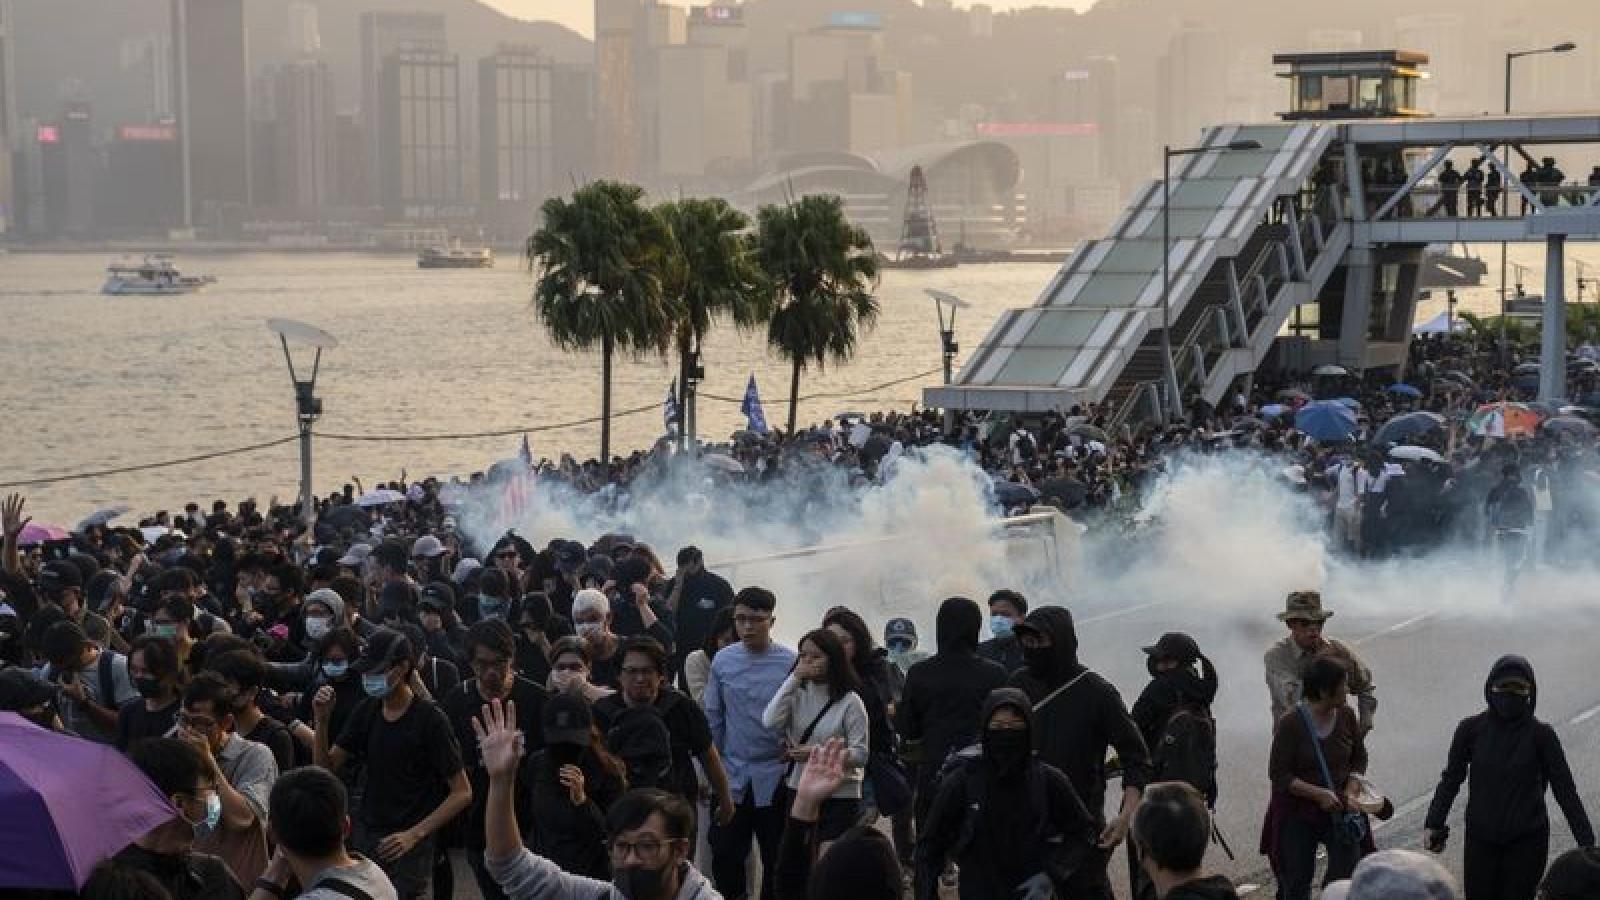 Trung Quốc phản đối lệnh trừng phạt của Mỹ về vấn đề Hong Kong